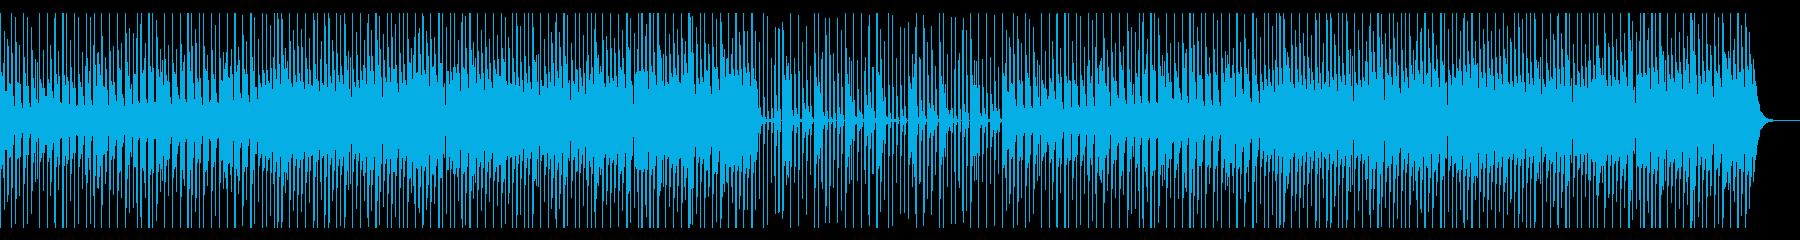 教育番組風 怪しい暗い森を進むBGMの再生済みの波形